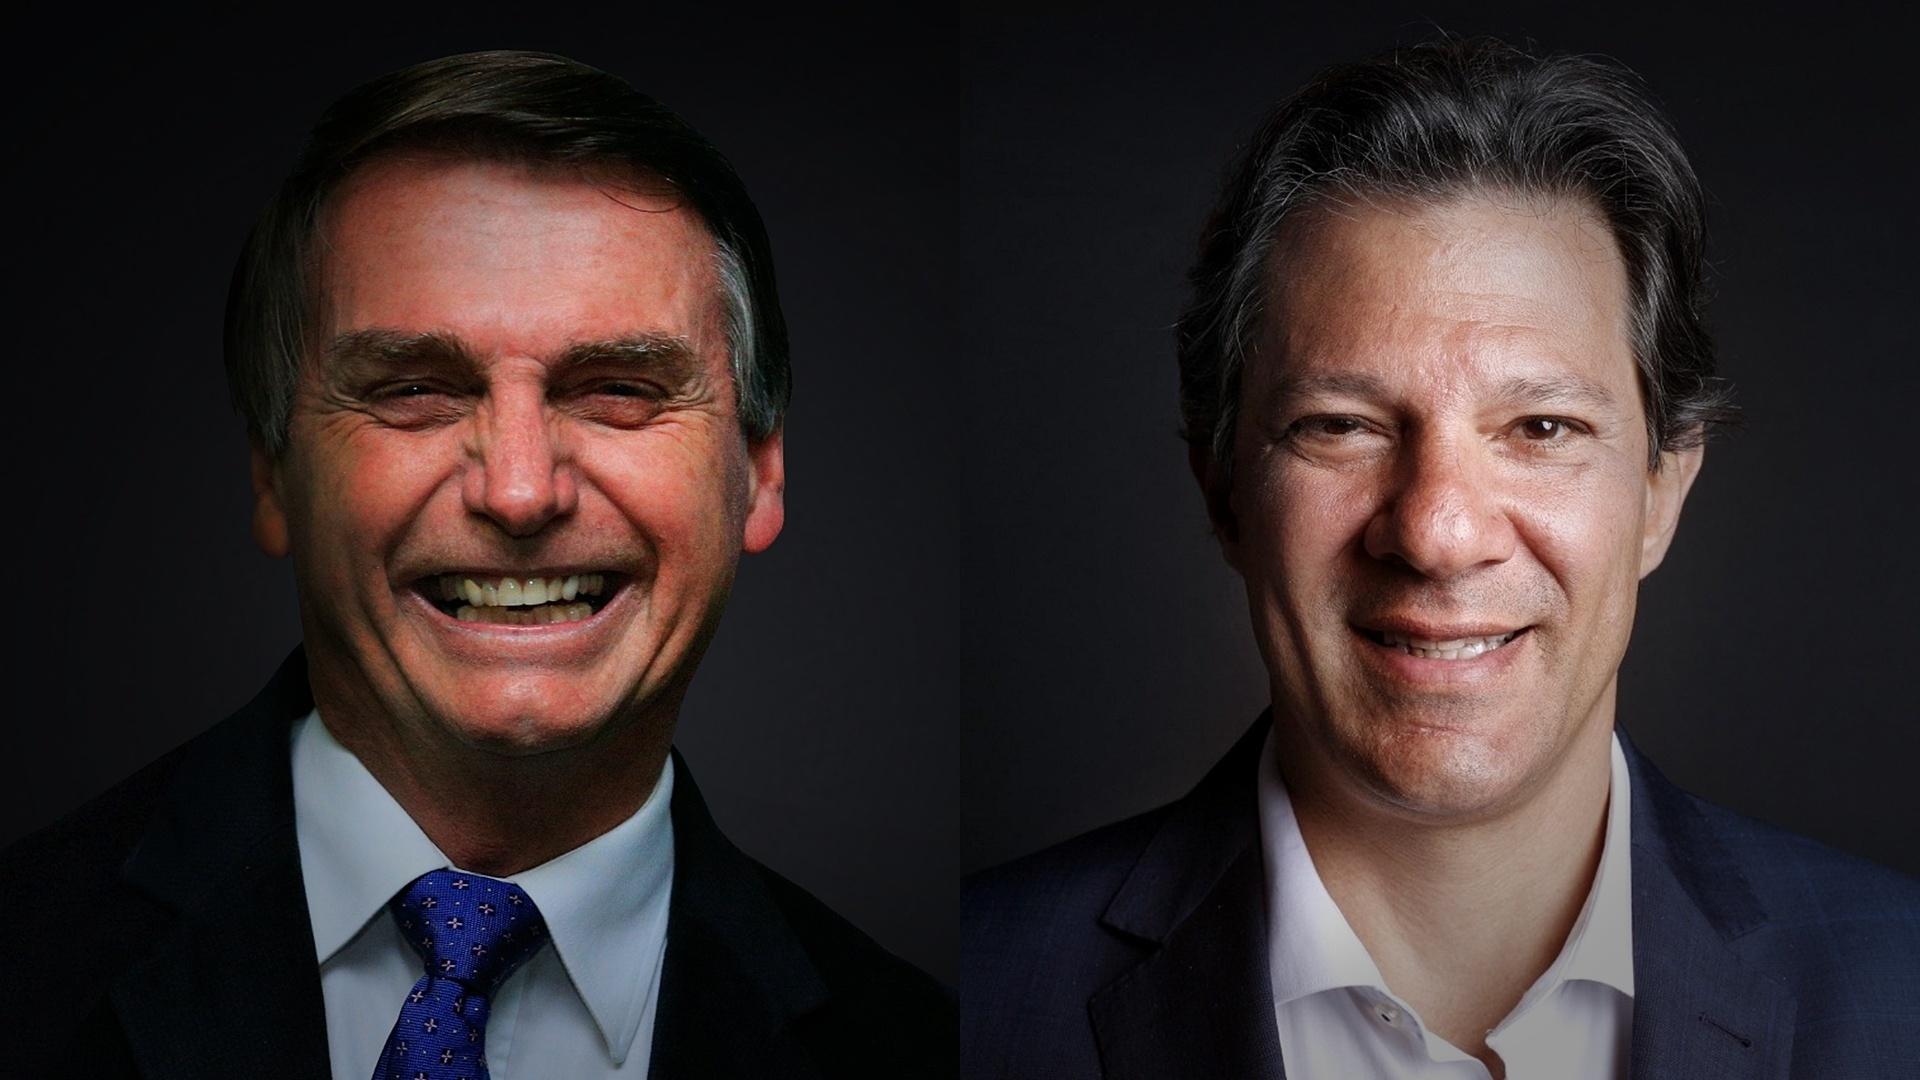 Pesquisa mostra que denuncias não abalaram candidatura de Bolsonaro